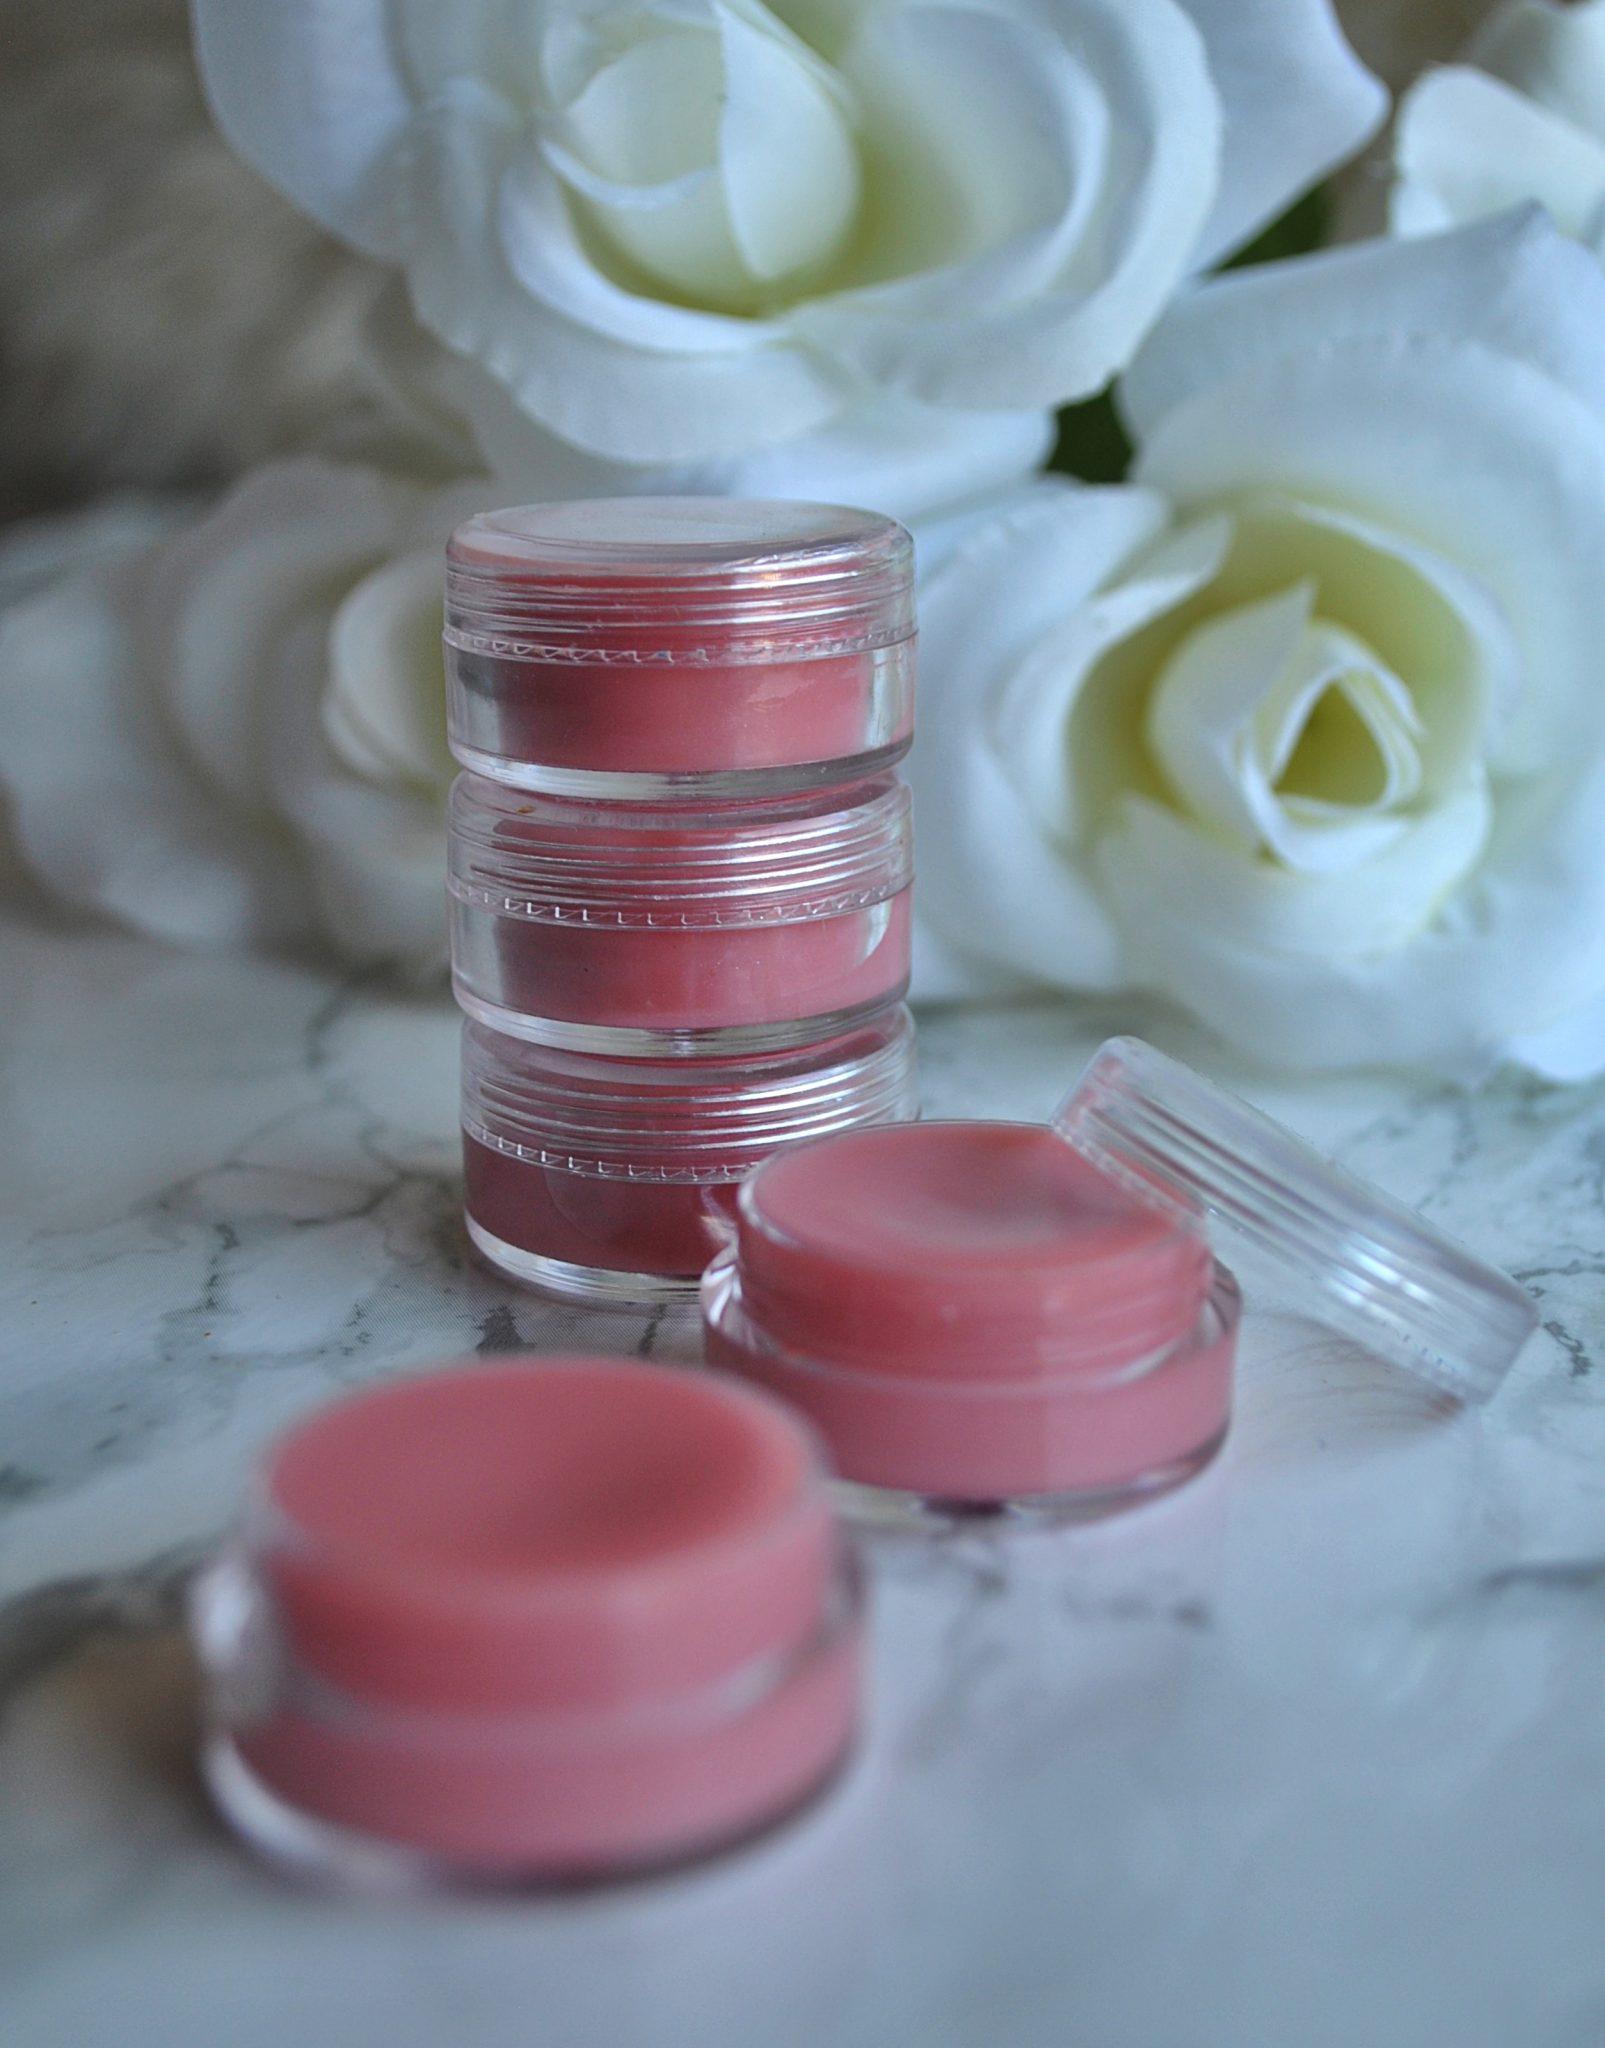 The-Hungarian-Brunette-DIY-Homemade-Lip-balm.jpg